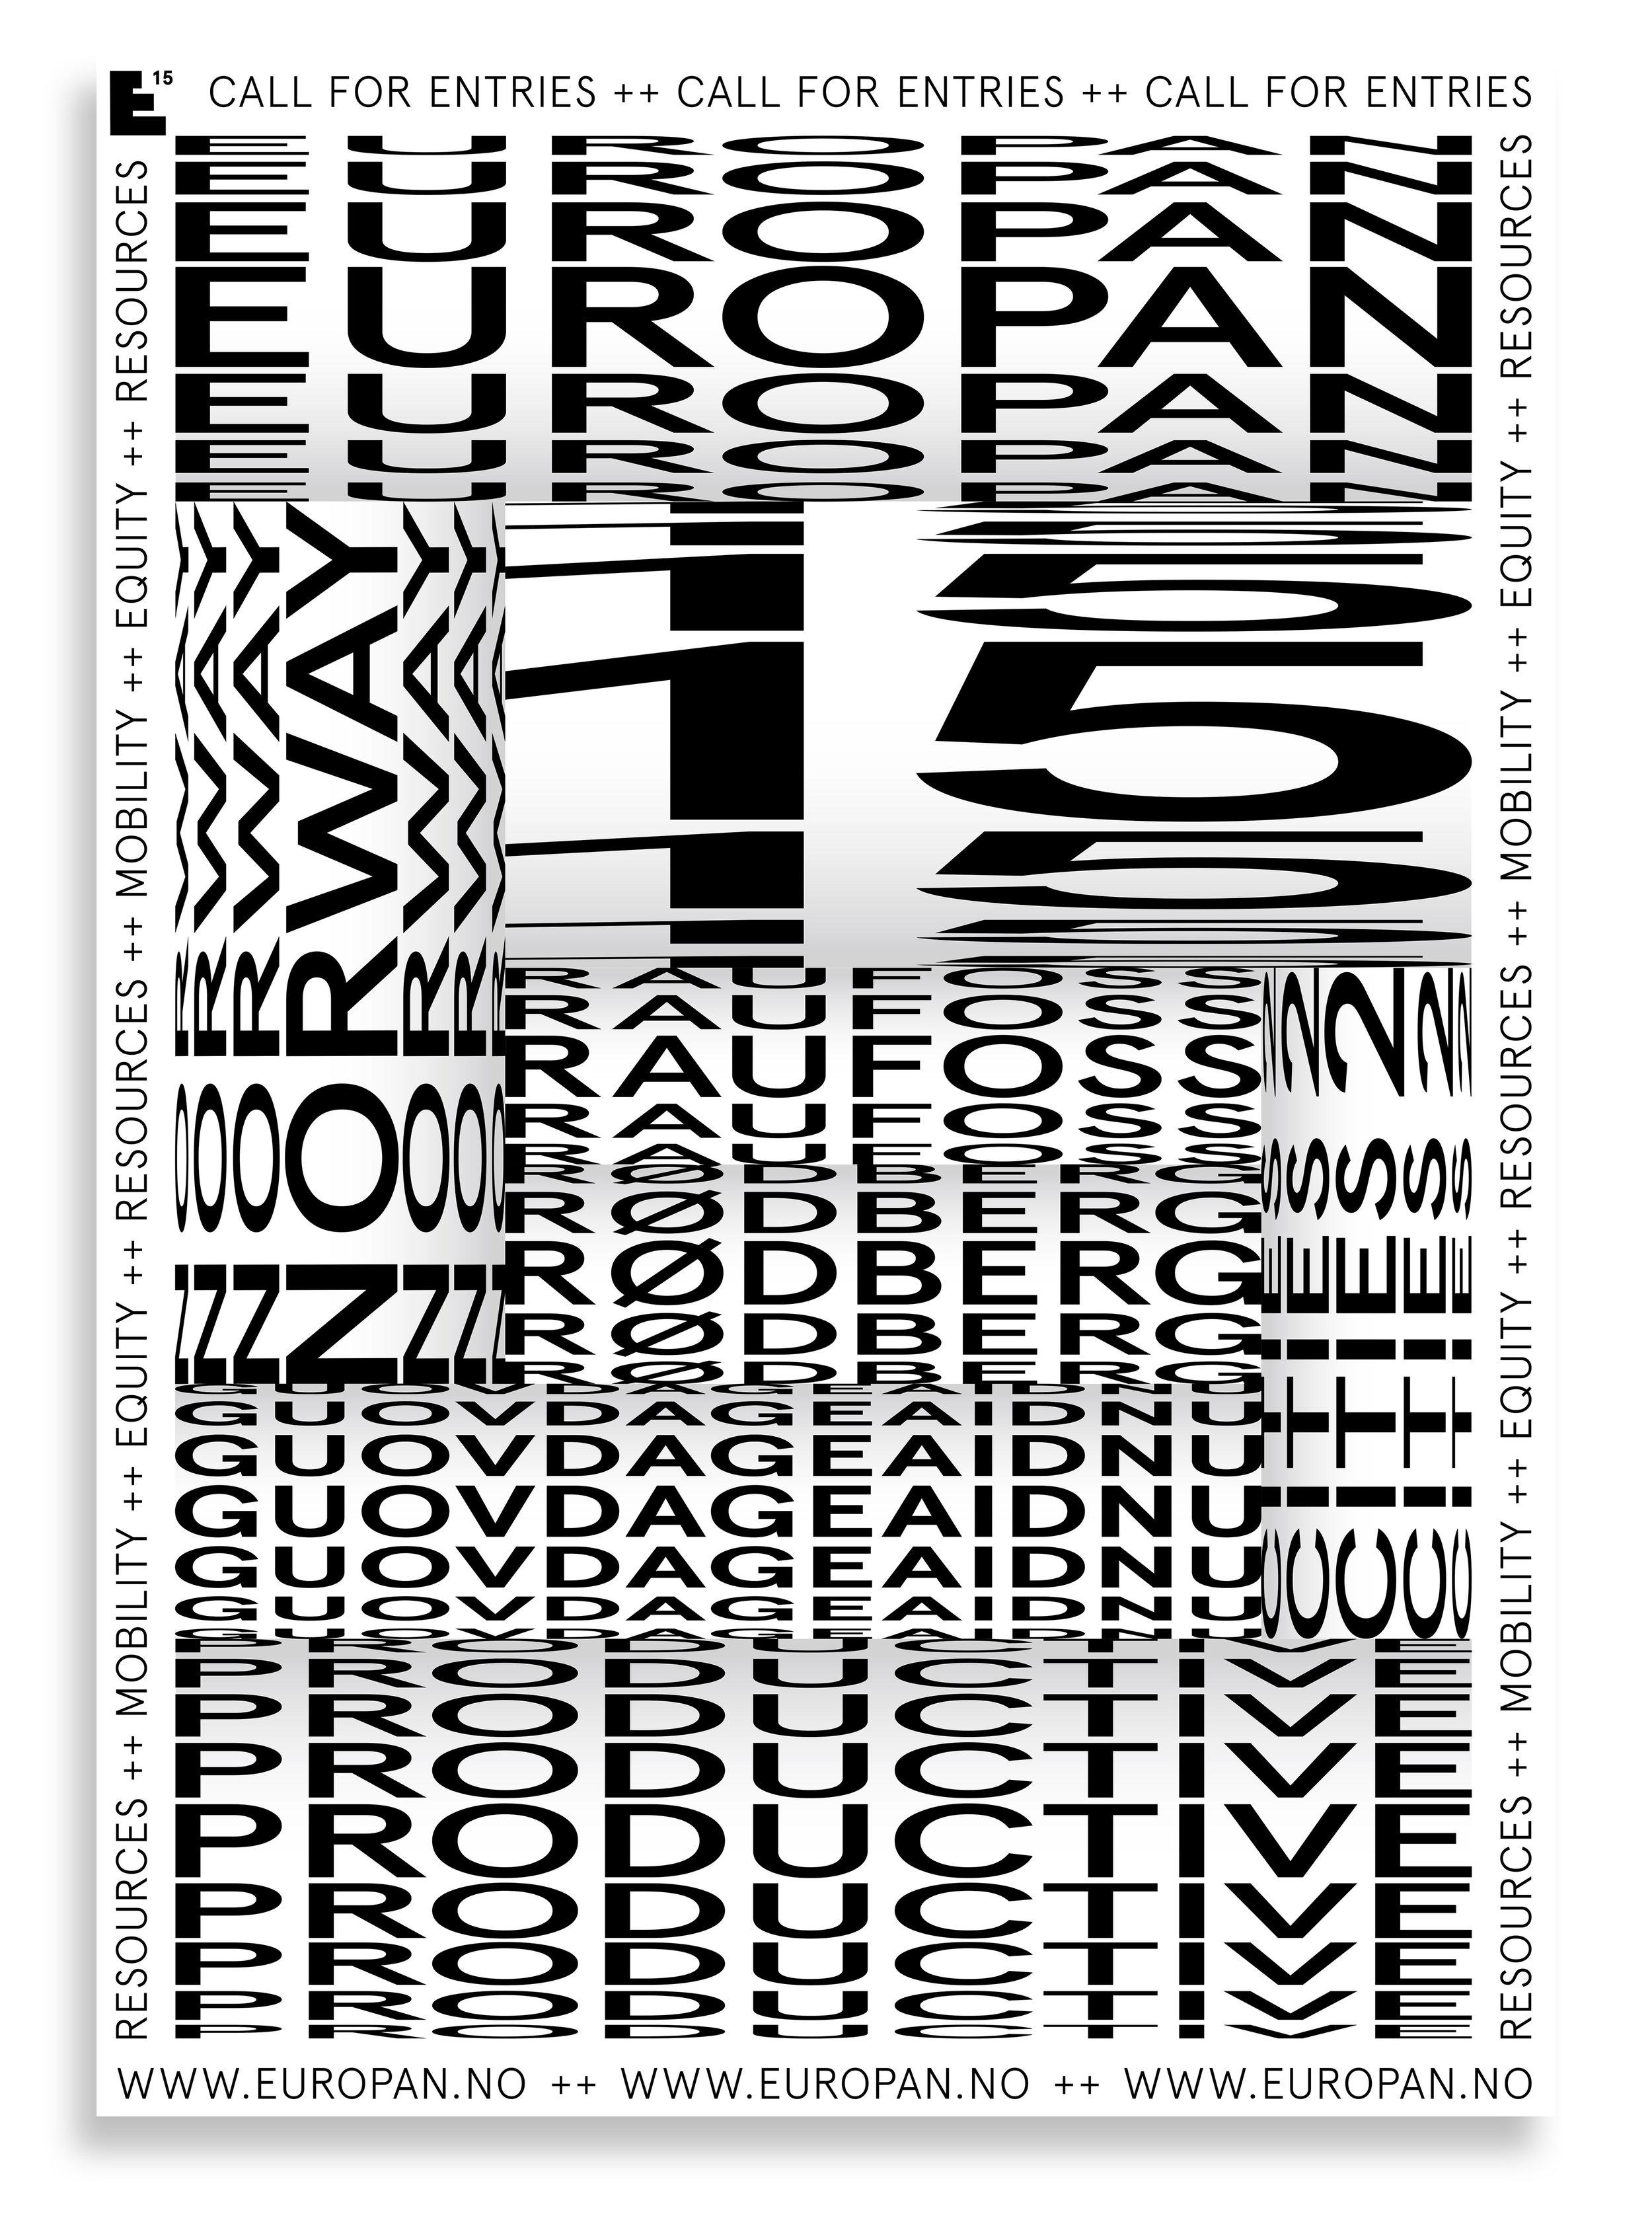 A2-Poster-02.jpg